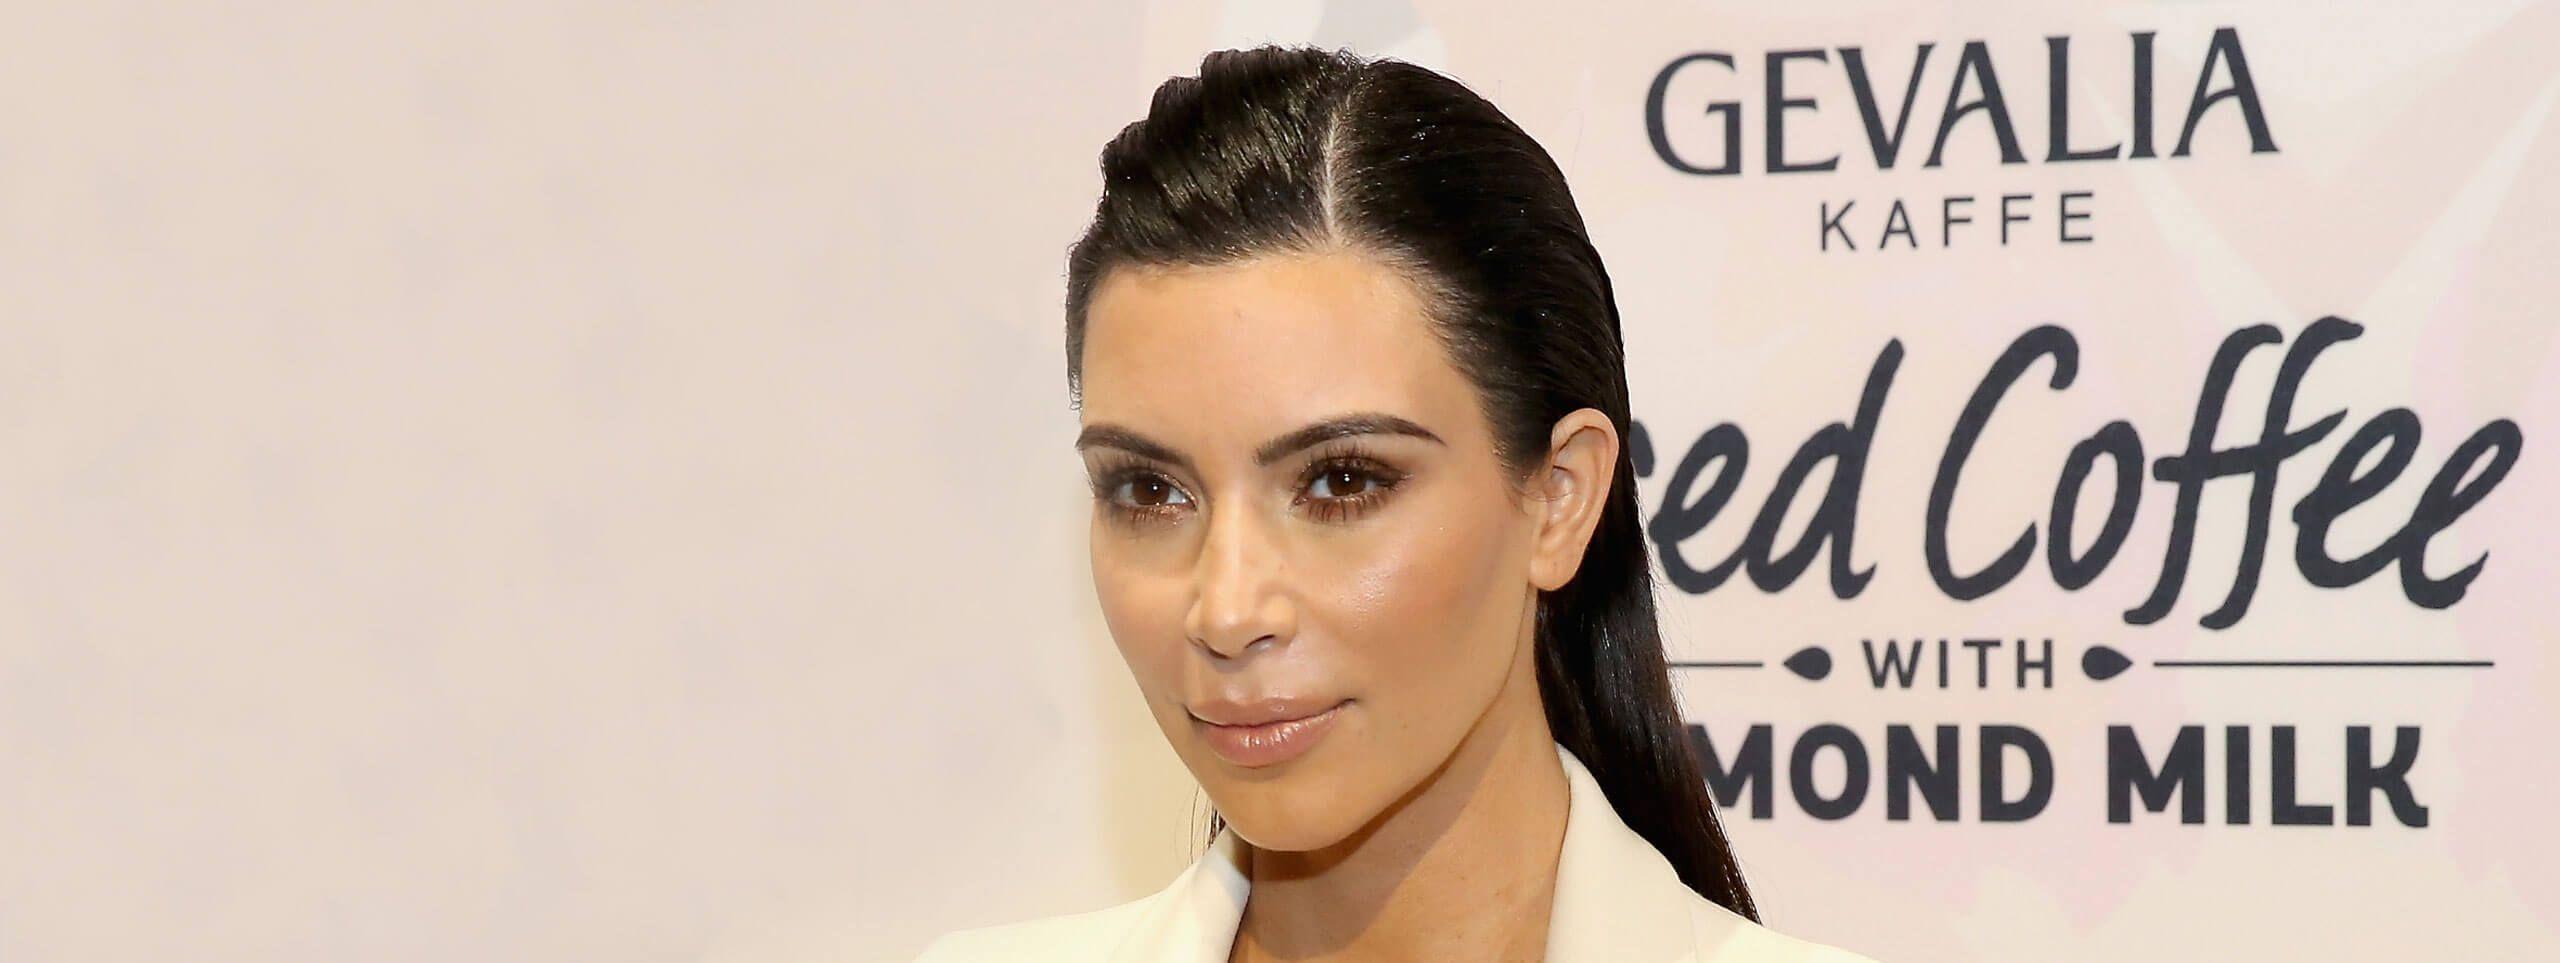 Kim Kardashian z gładka fryzurą